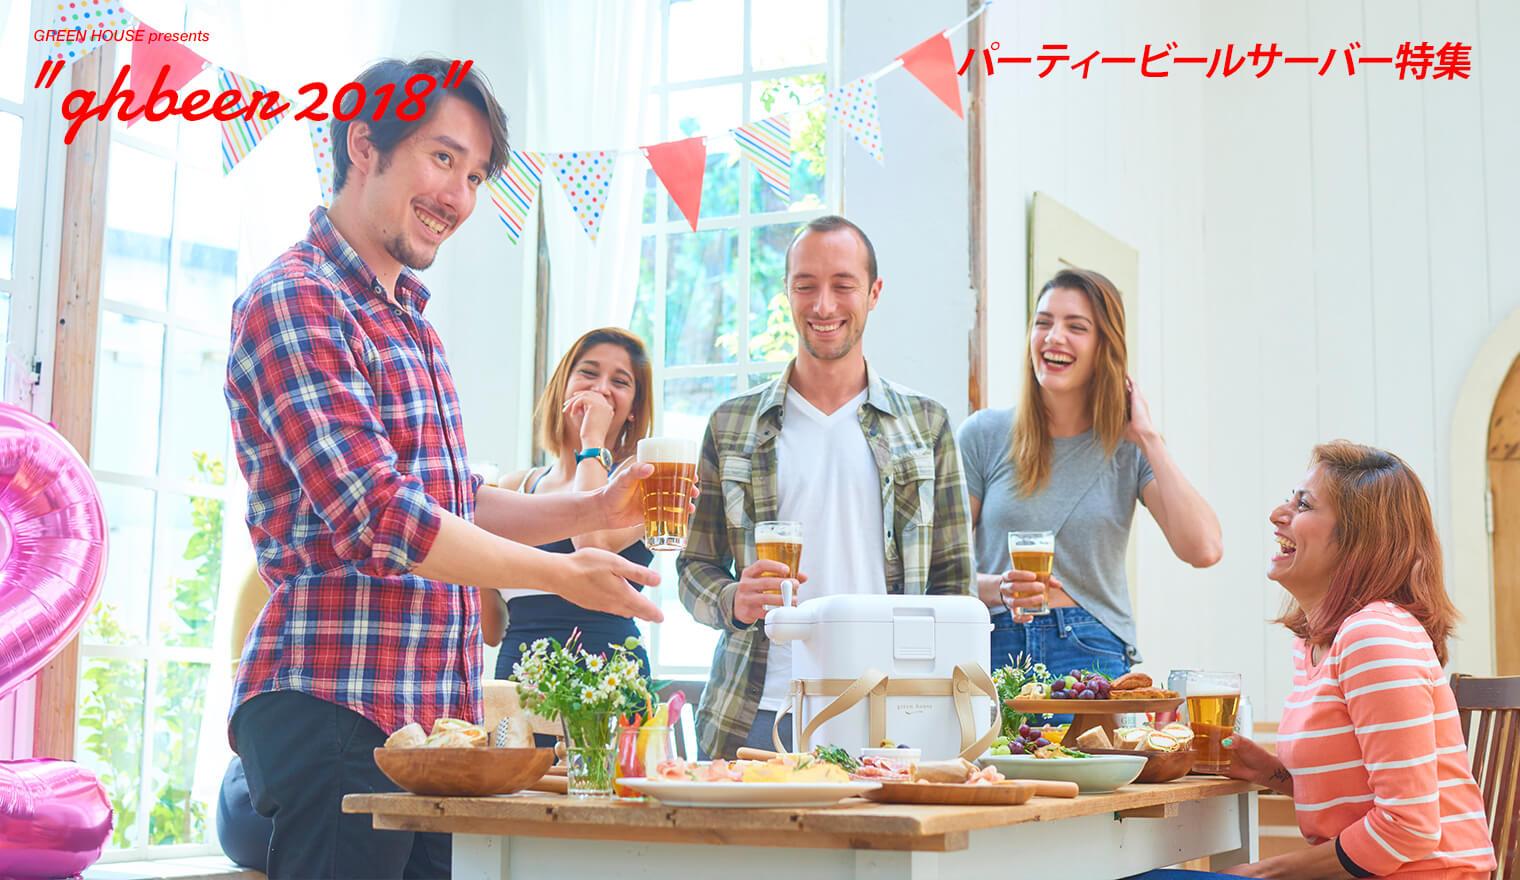 GHBEER2018:パーティービールサーバー